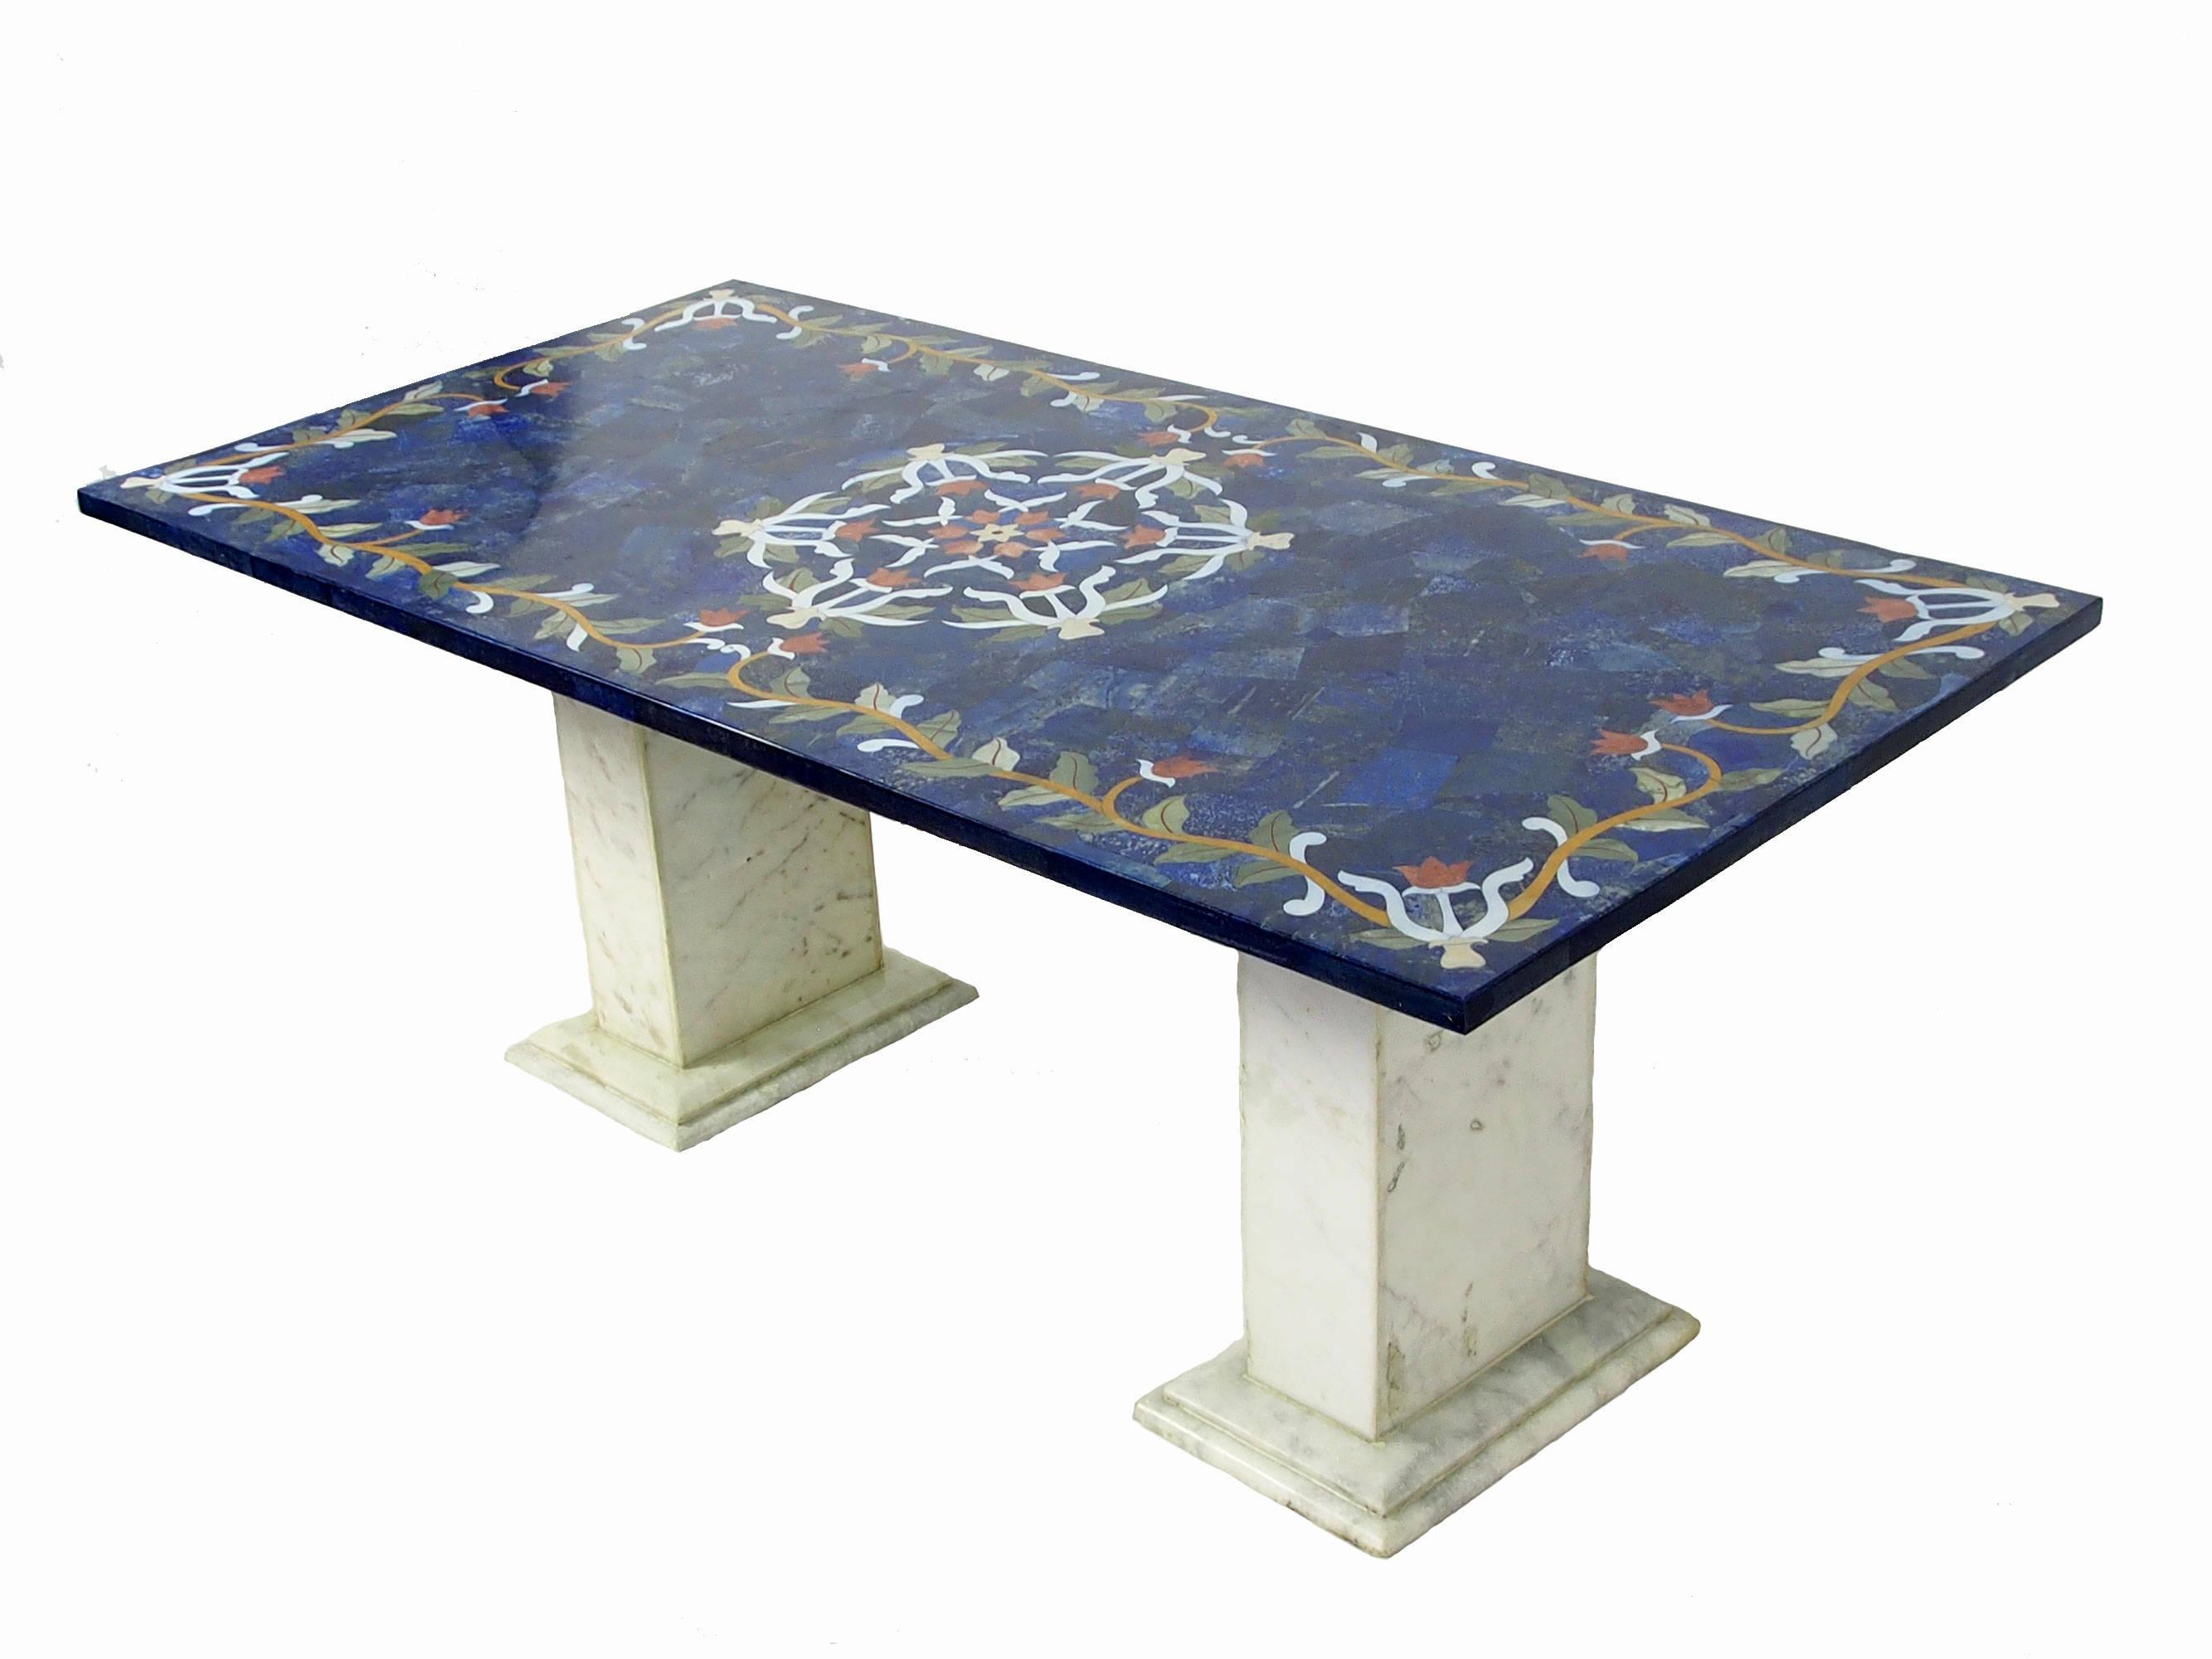 120x60 cm pietra dura marble Lapis Lazuli coffee table table